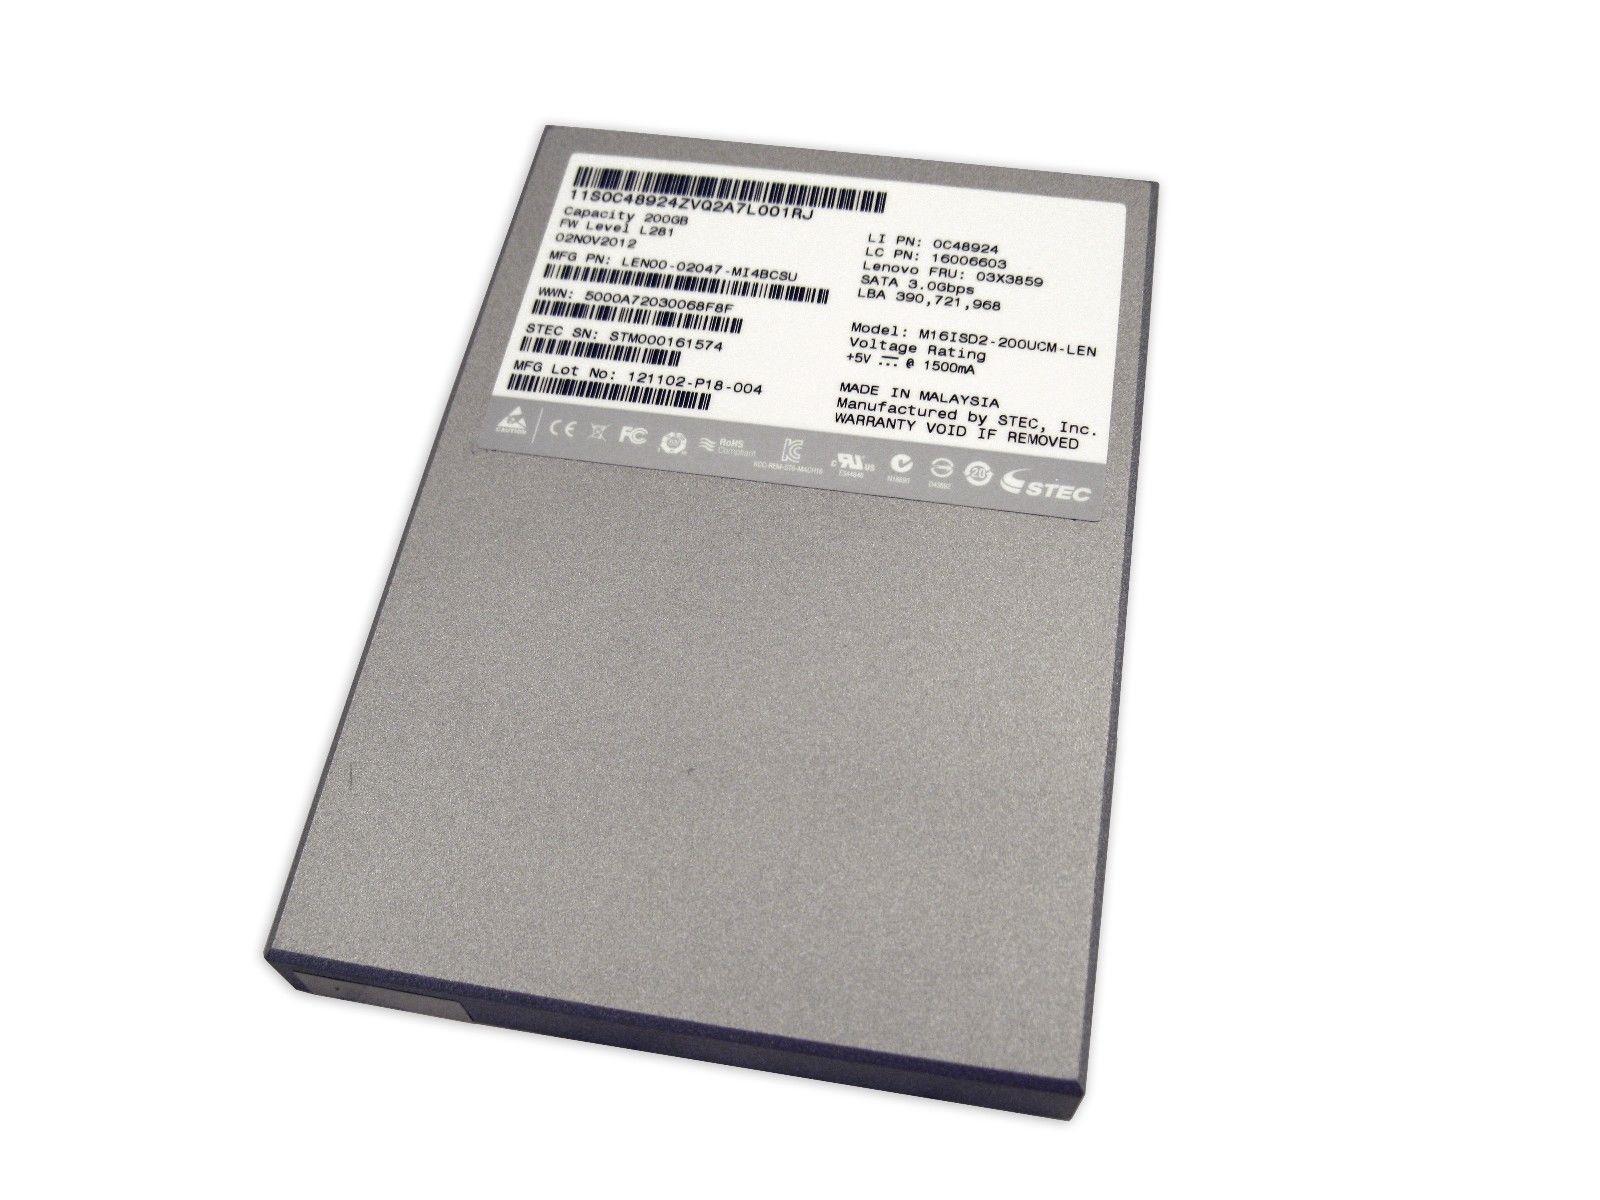 """IBM M16ISD2-200UCM Lenovo 200GB SSD SATA 2.5"""" Stec Mach16 02047-MI4RBCTU"""